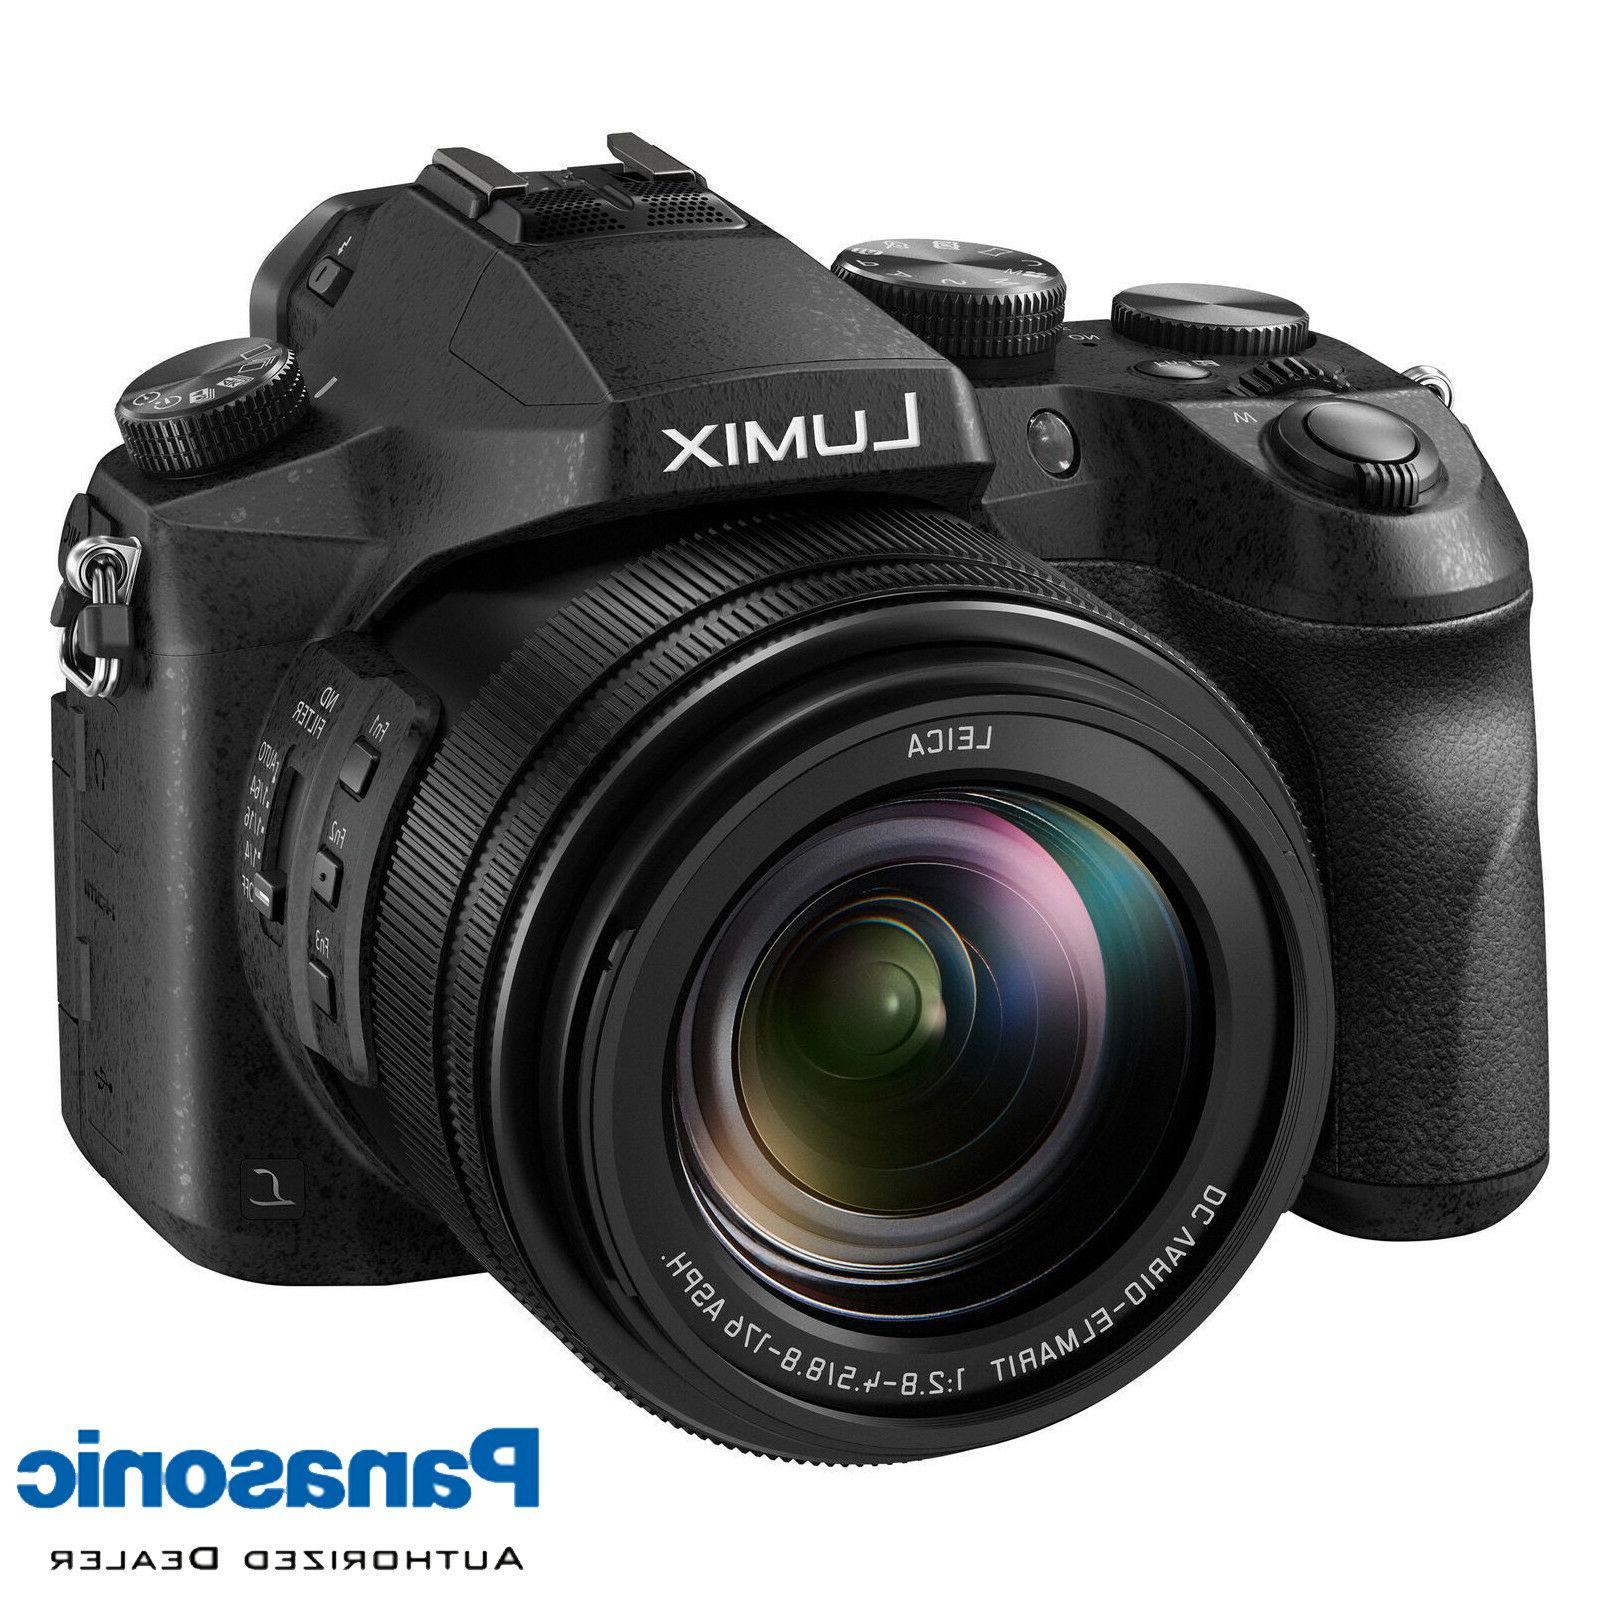 lumix dmc fz2500 digital camera usa authorized